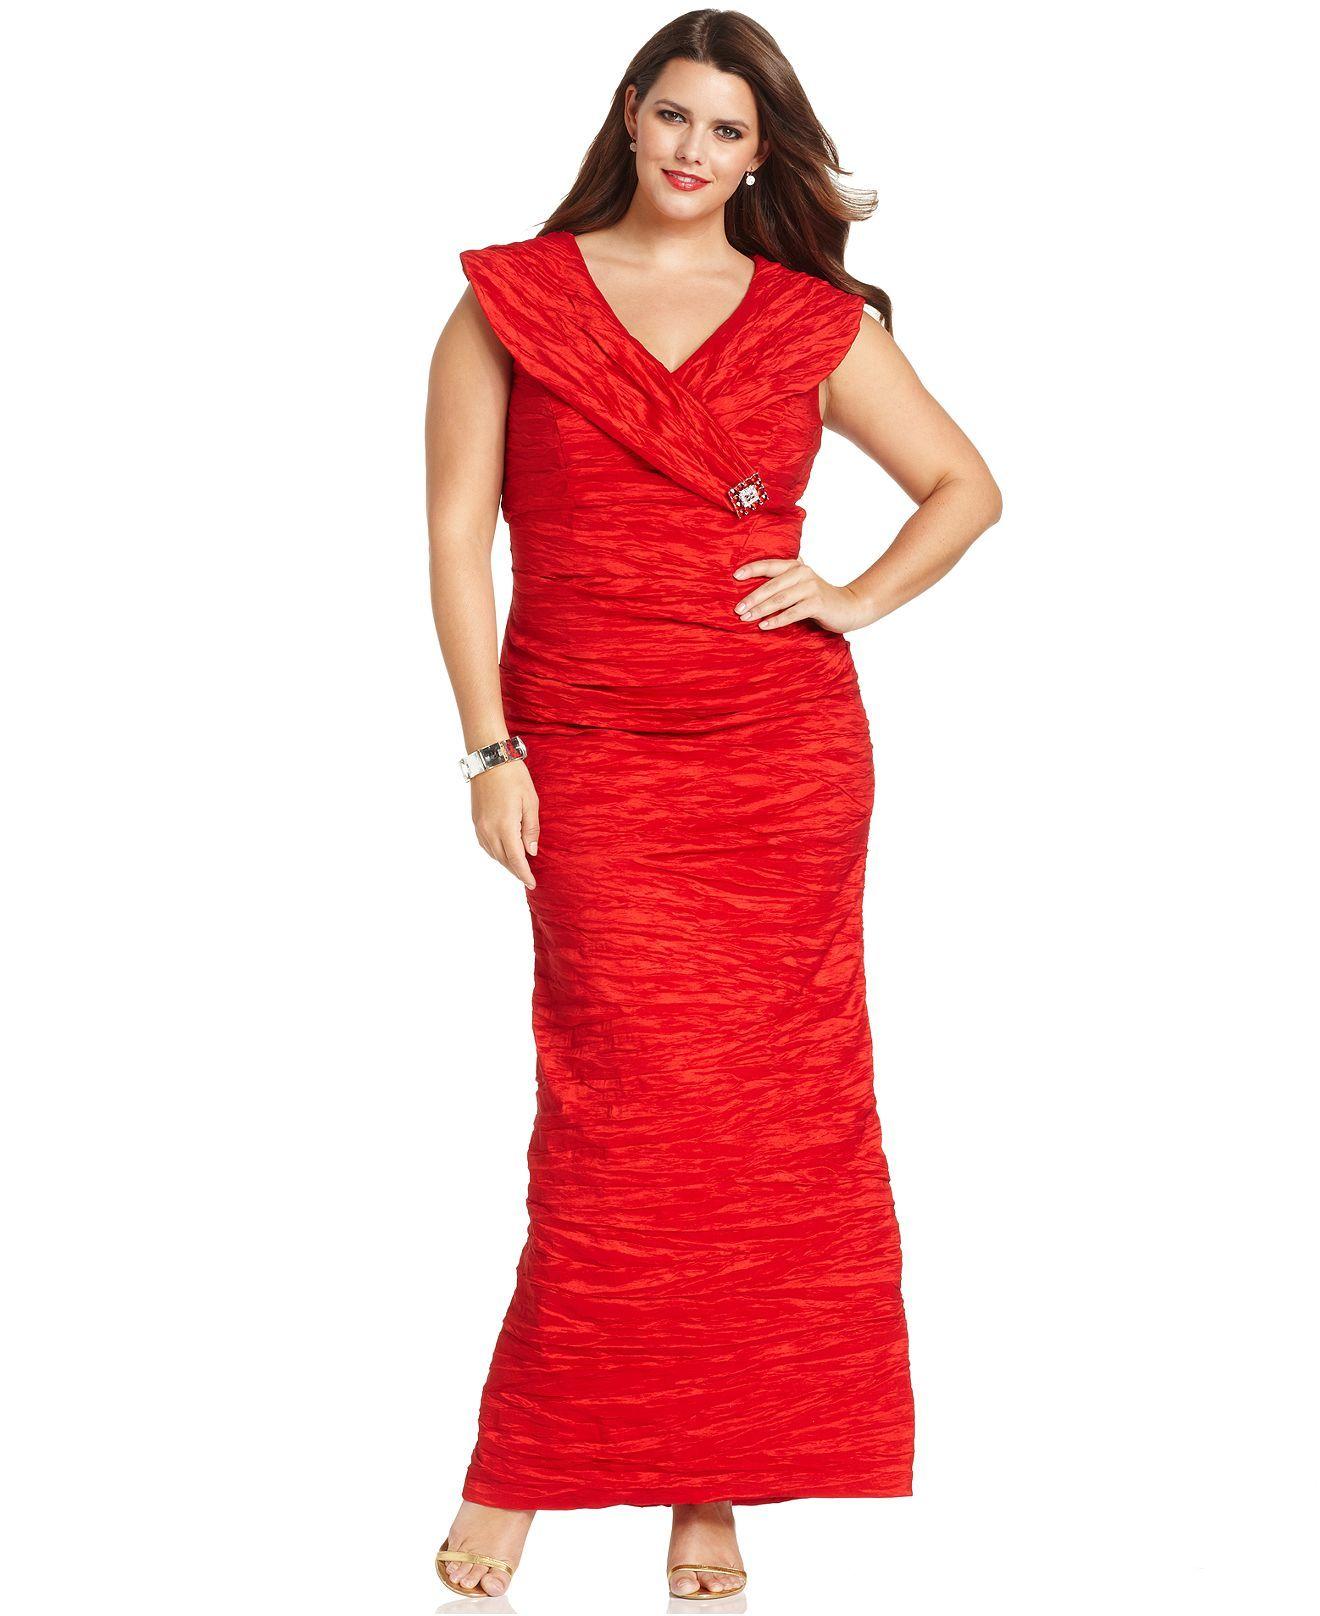 3ff5cac17445 Alex Evenings Plus Size Dress, Cap-Sleeve Portrait-Collar Evening Gown -  Plus Size Dresses - Plus Sizes - Macy's